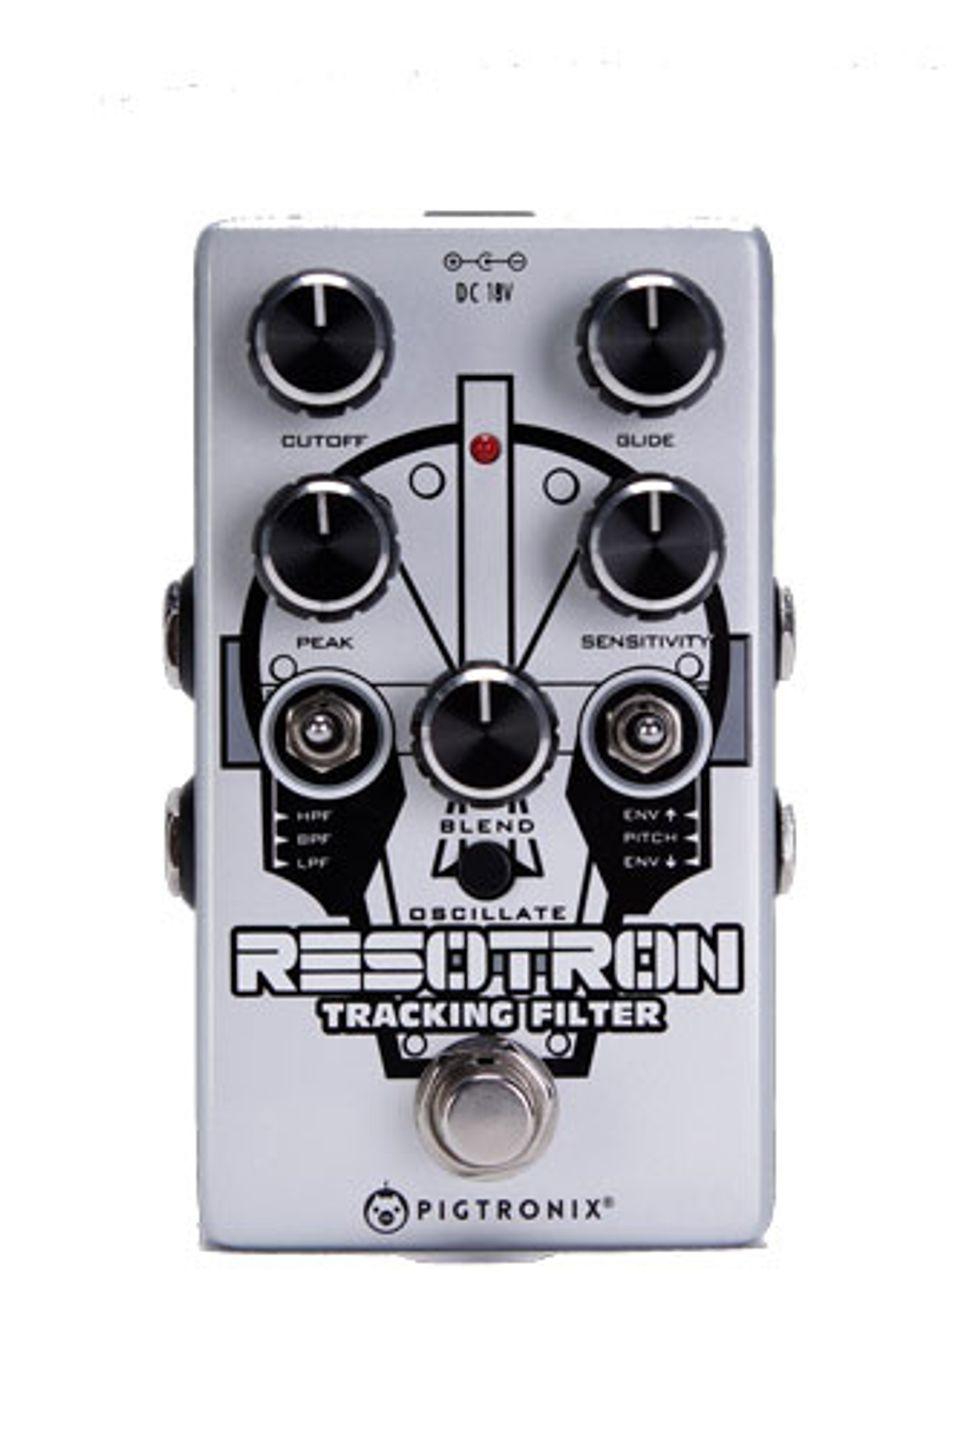 Pigtronix Announces the Resotron